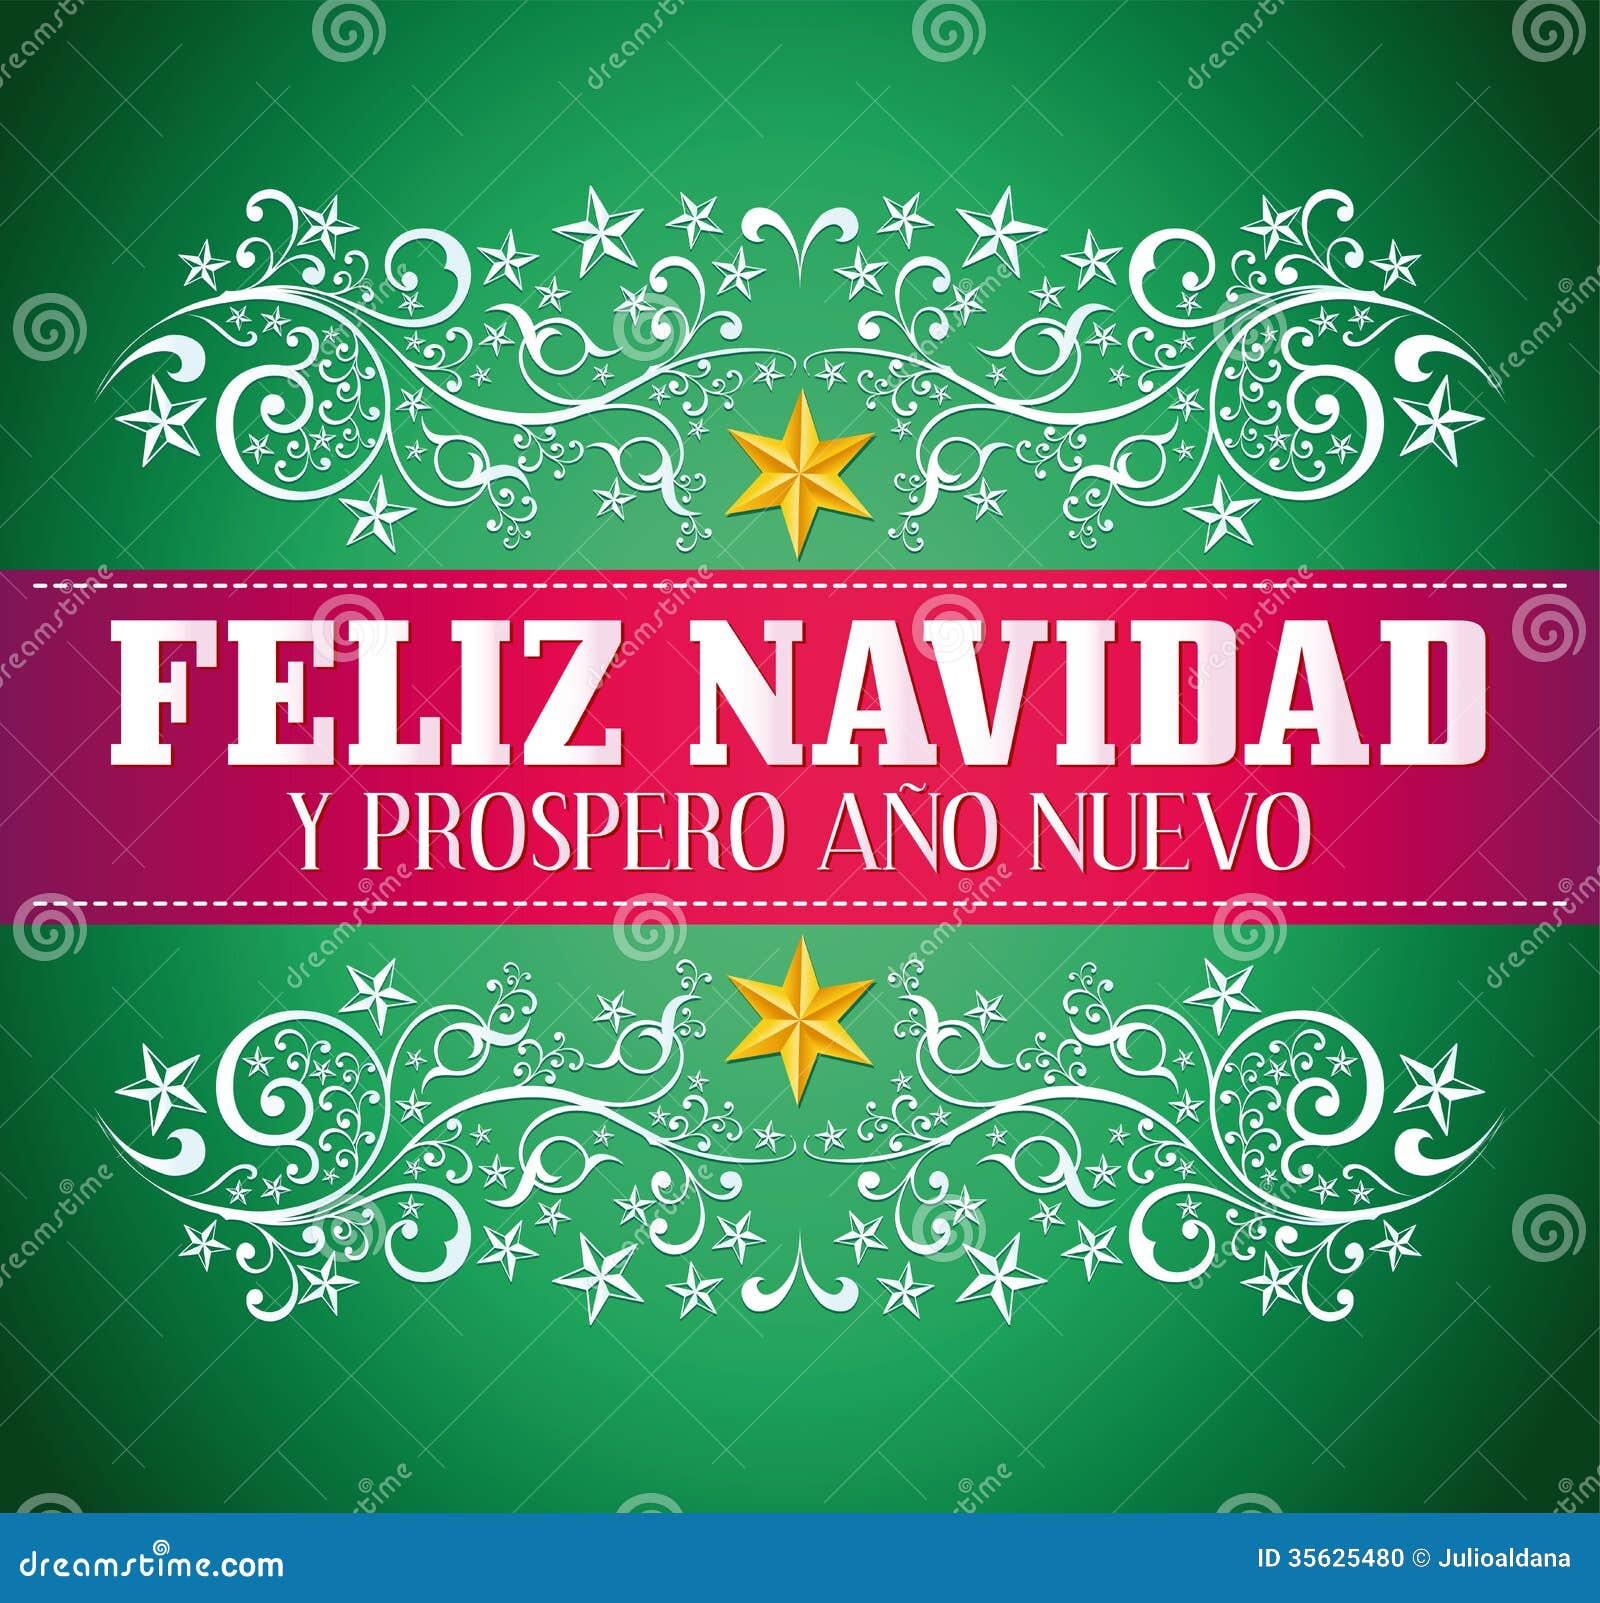 Nuevo del ano del prospero del navidad y de feliz foto de - Frases de feliz navidad y prospero ano nuevo ...